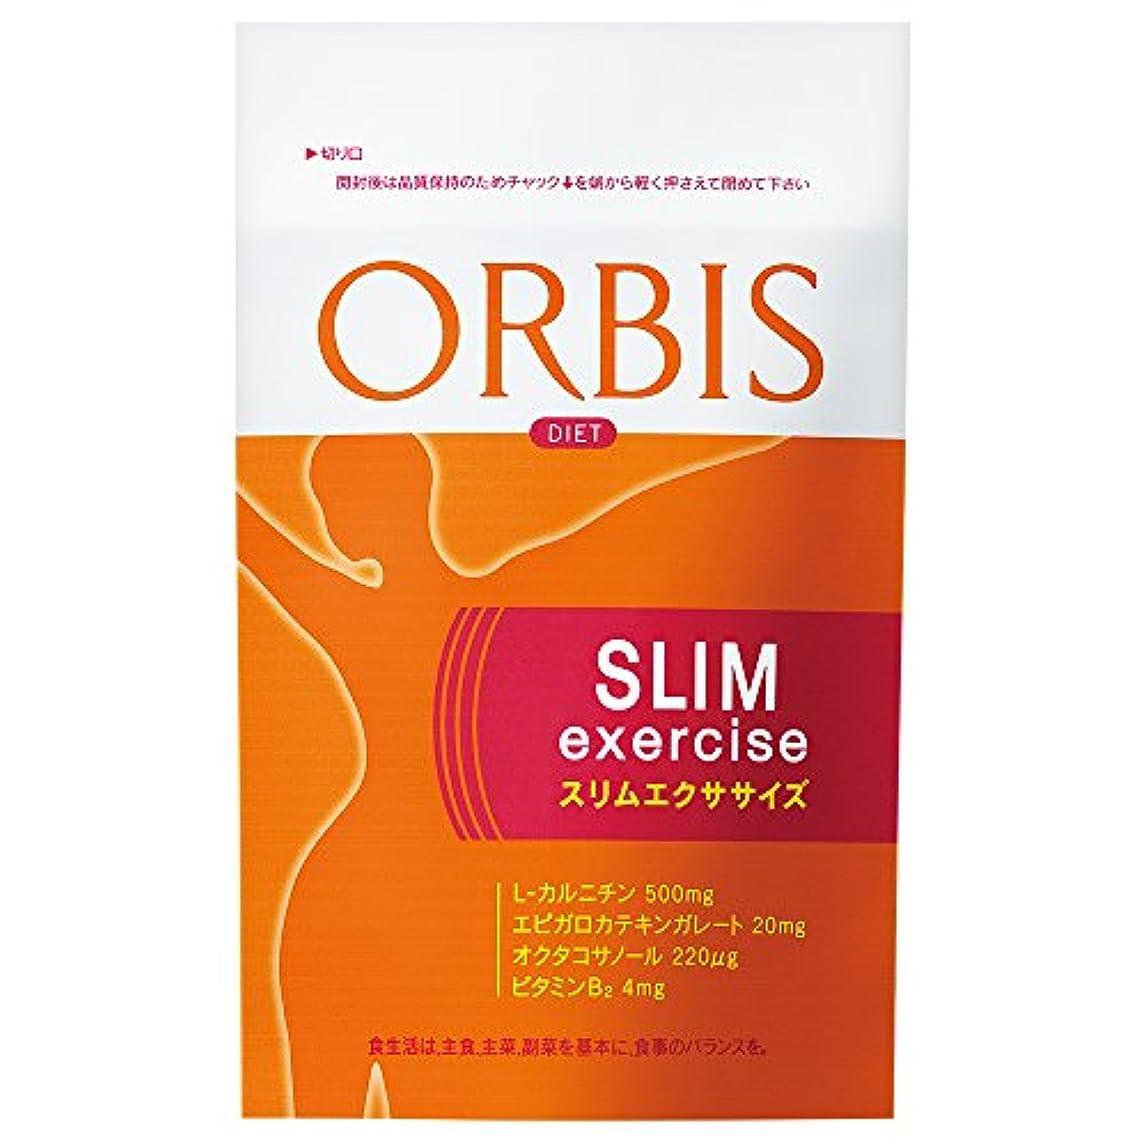 クリップ蝶神経障害所属オルビス(ORBIS) スリムエクササイズ 30日分(330mg×120粒) ◎ダイエットサプリメント◎